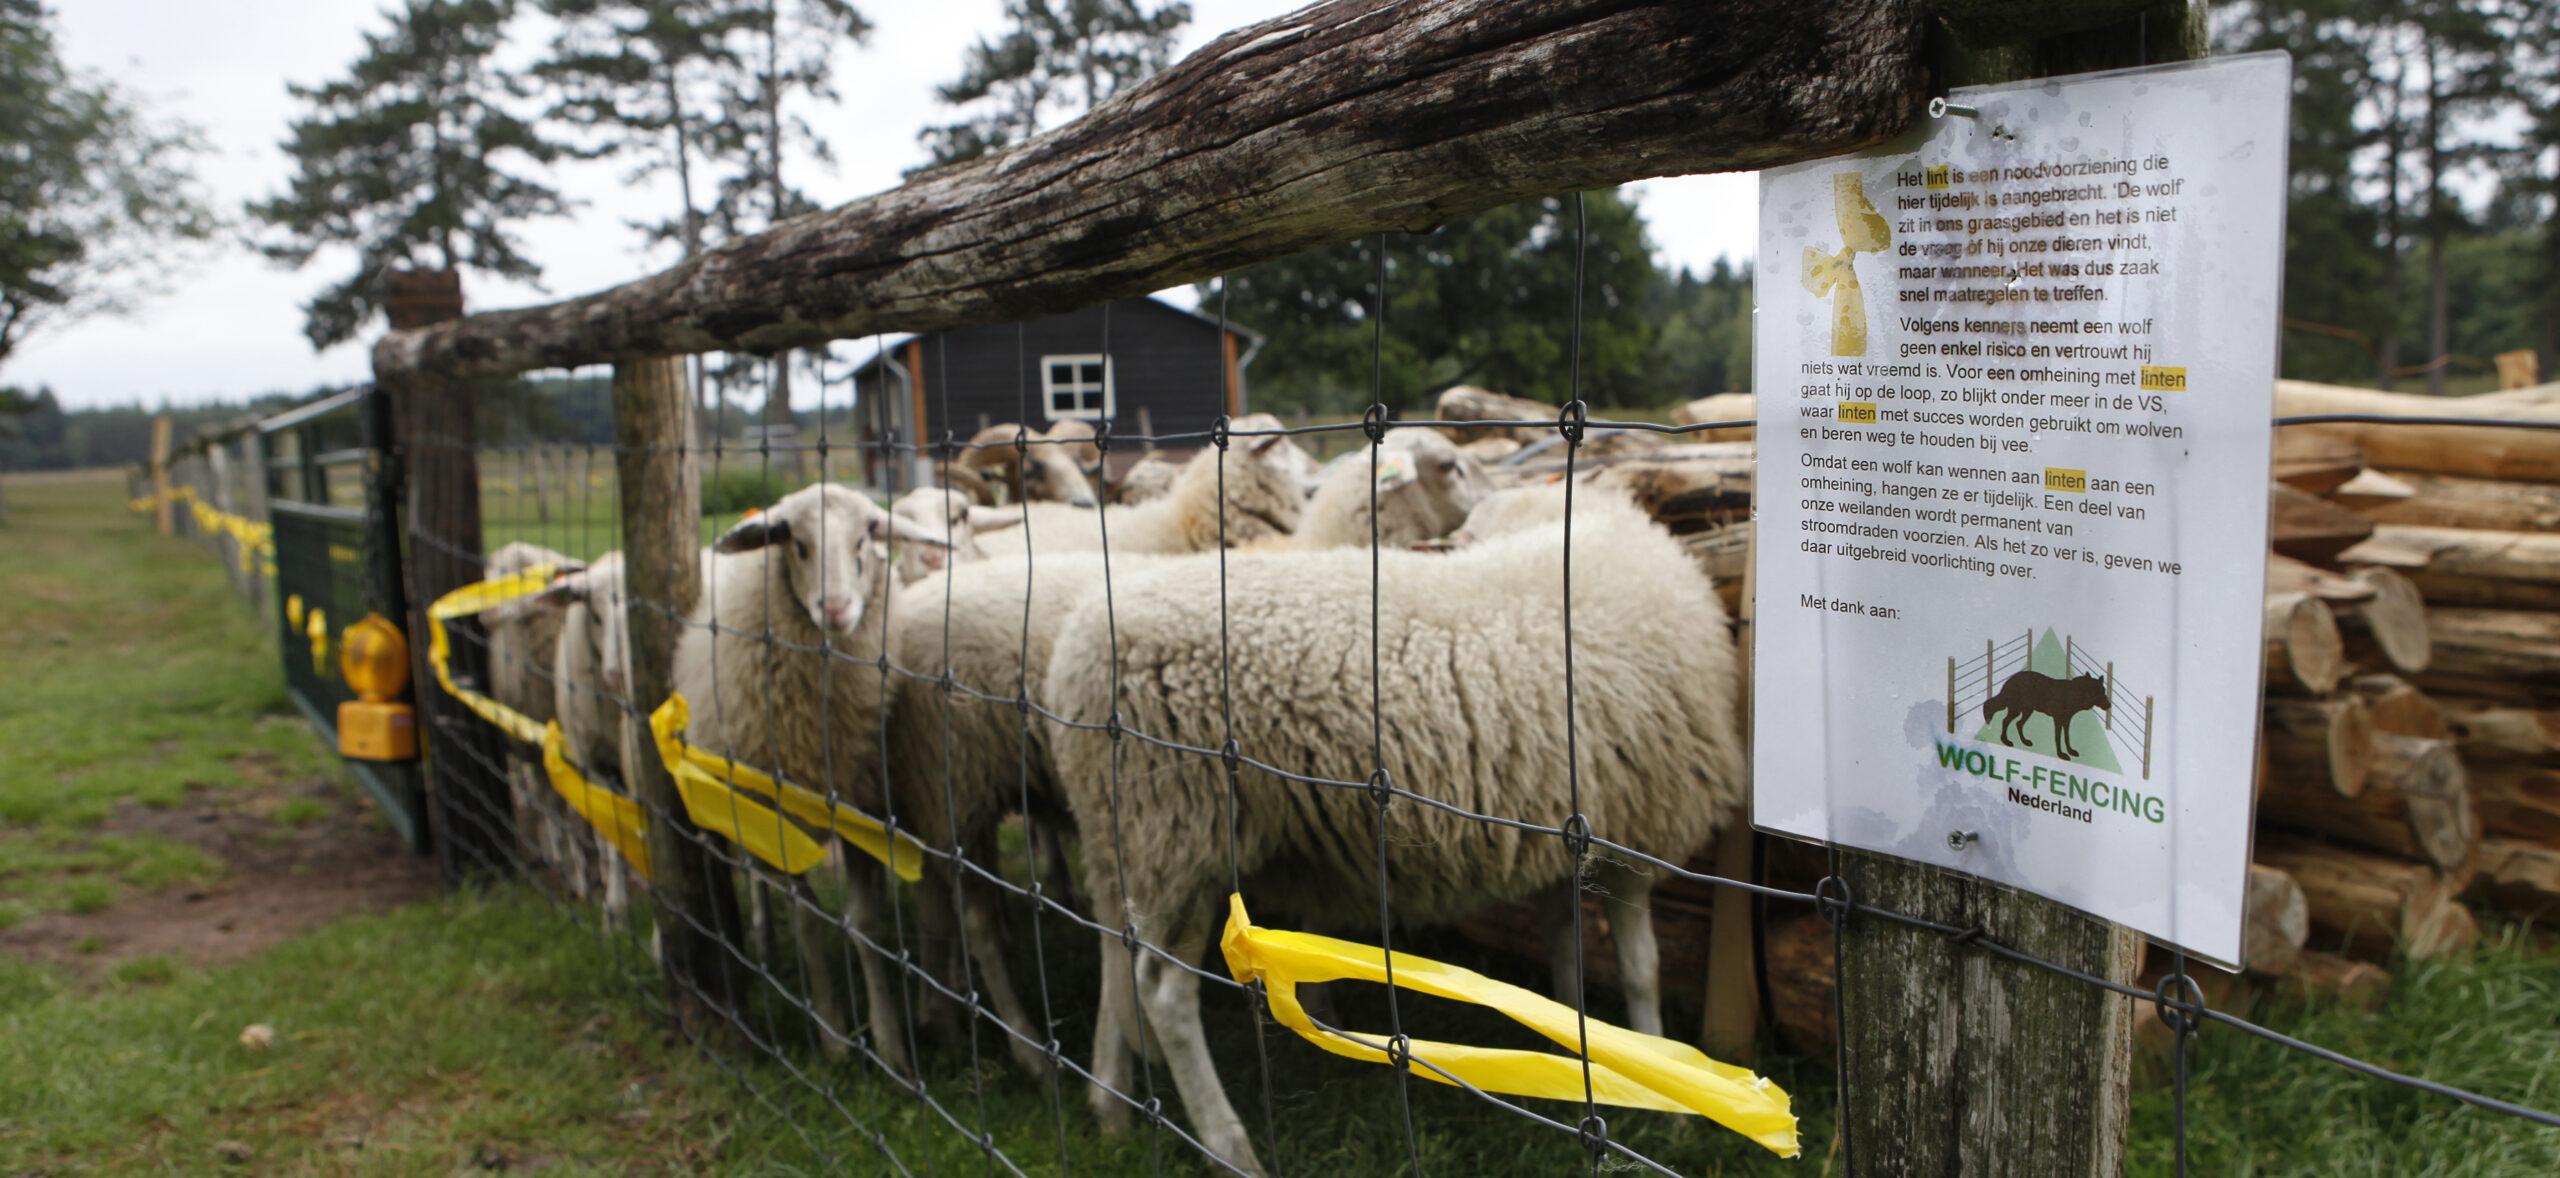 Stichting Wolf-Fencing Nederland heeft tijdelijke fladderlinten geplaatst bij de schaapskooi van Epe. Klik op de foto voor meer informatie. © BIJ12